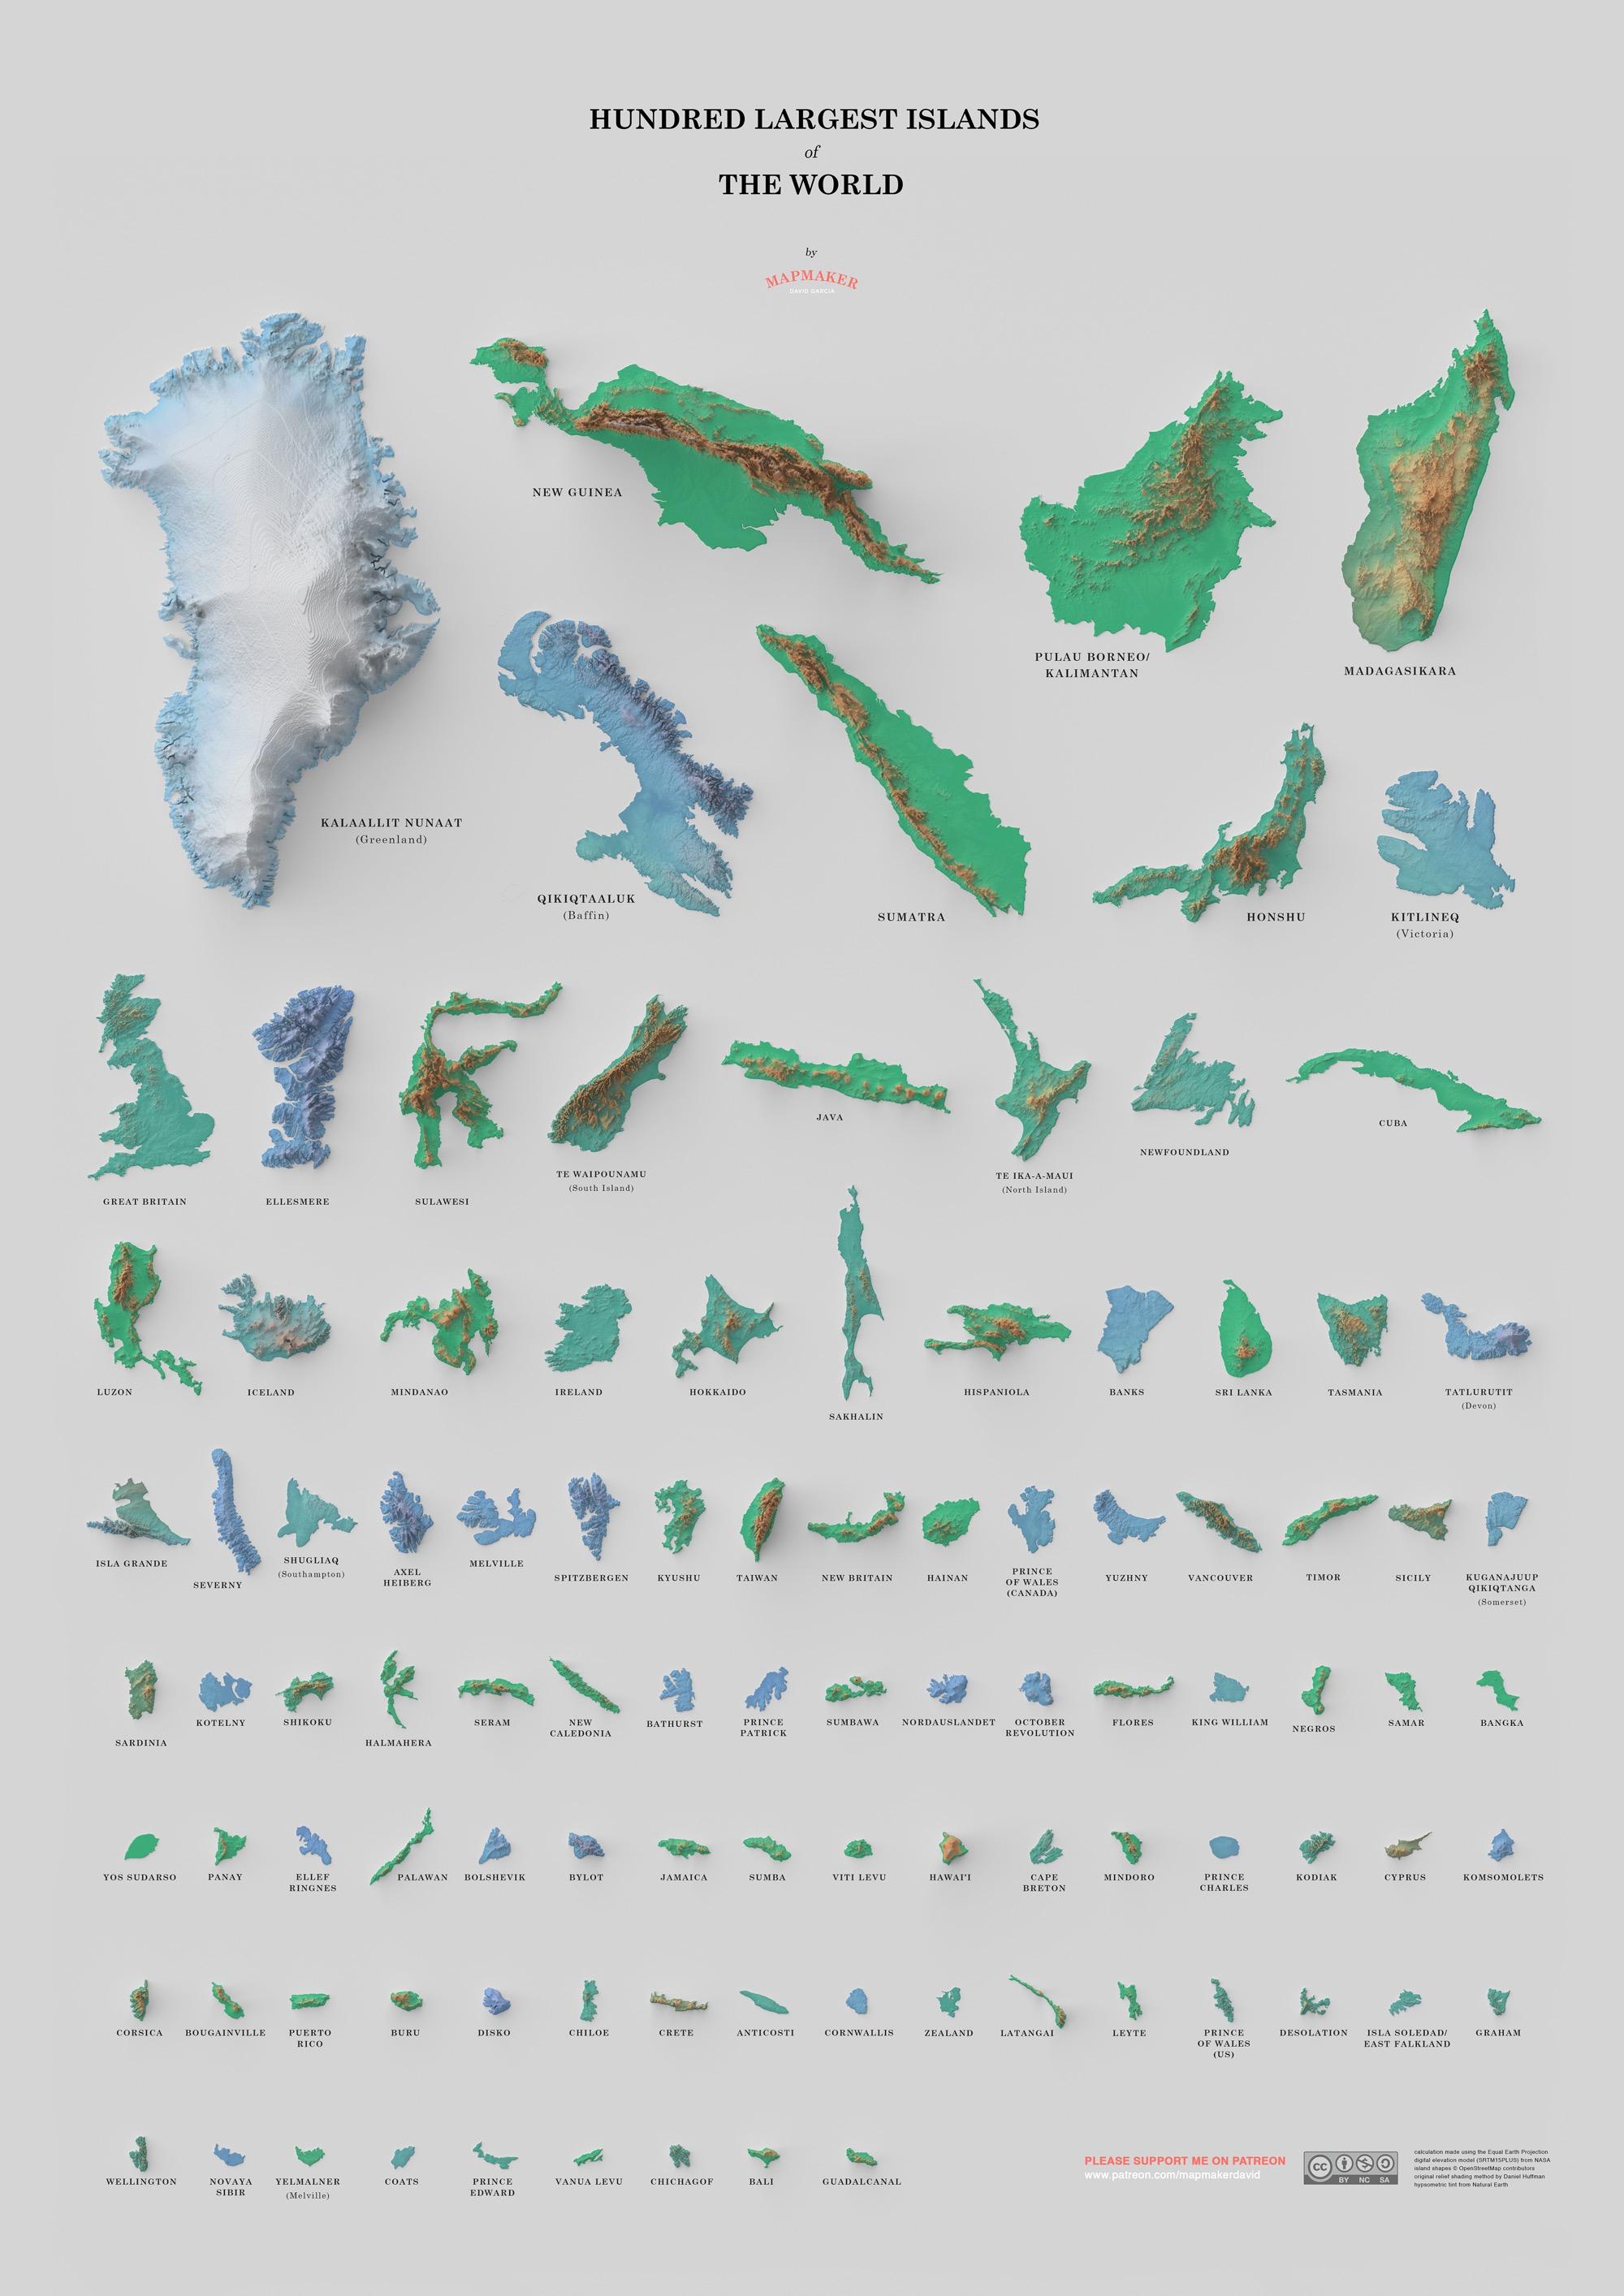 Un poster dedicato alle 100 isole più grandi del mondo